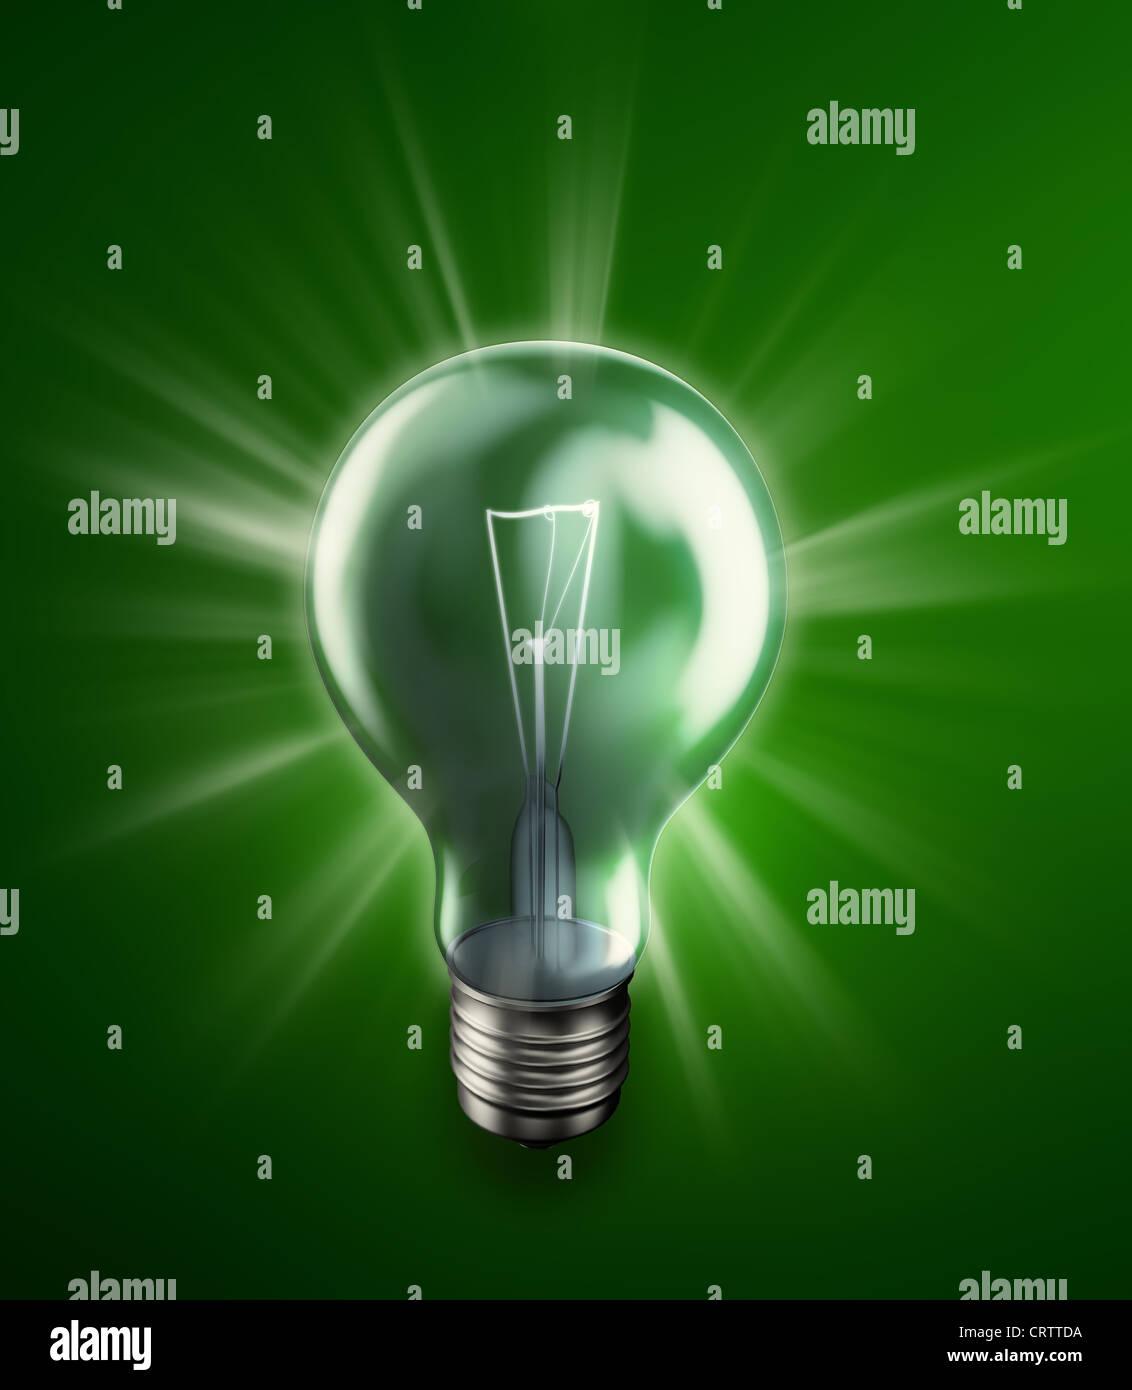 Lampadina incandescente -concetto energetico illustrazione Immagini Stock